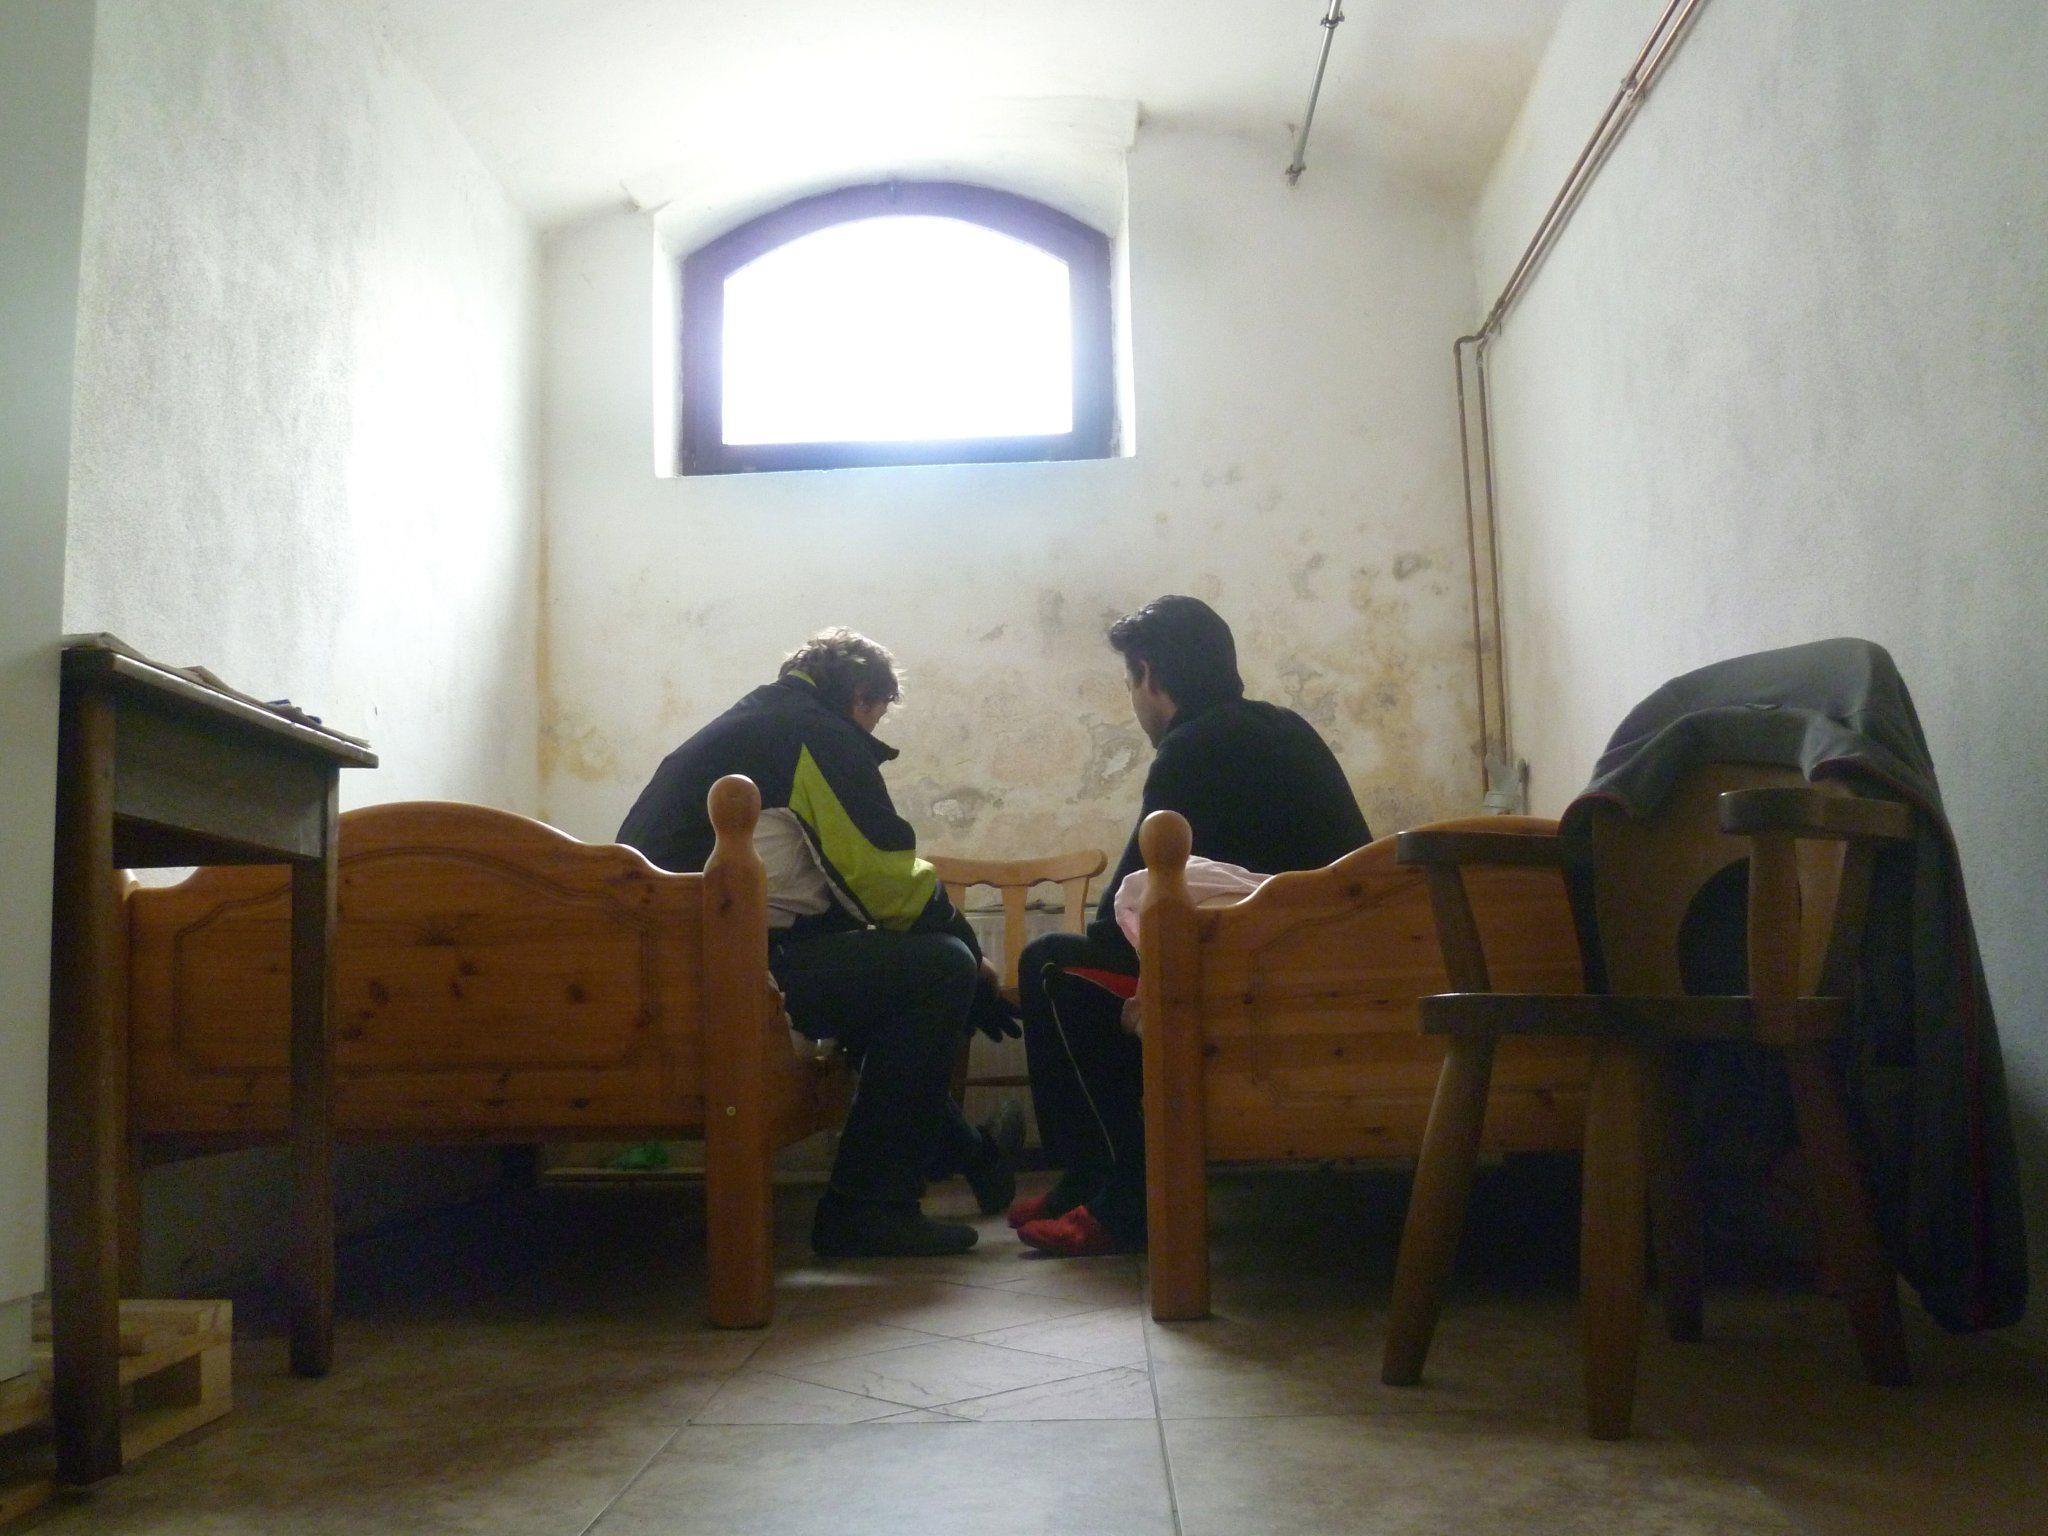 Notschlafstellen sind für Obdachlose oft die letzte Möglichkeit um einer lebensbedrohlichen Nacht im Freien zu entgehen.